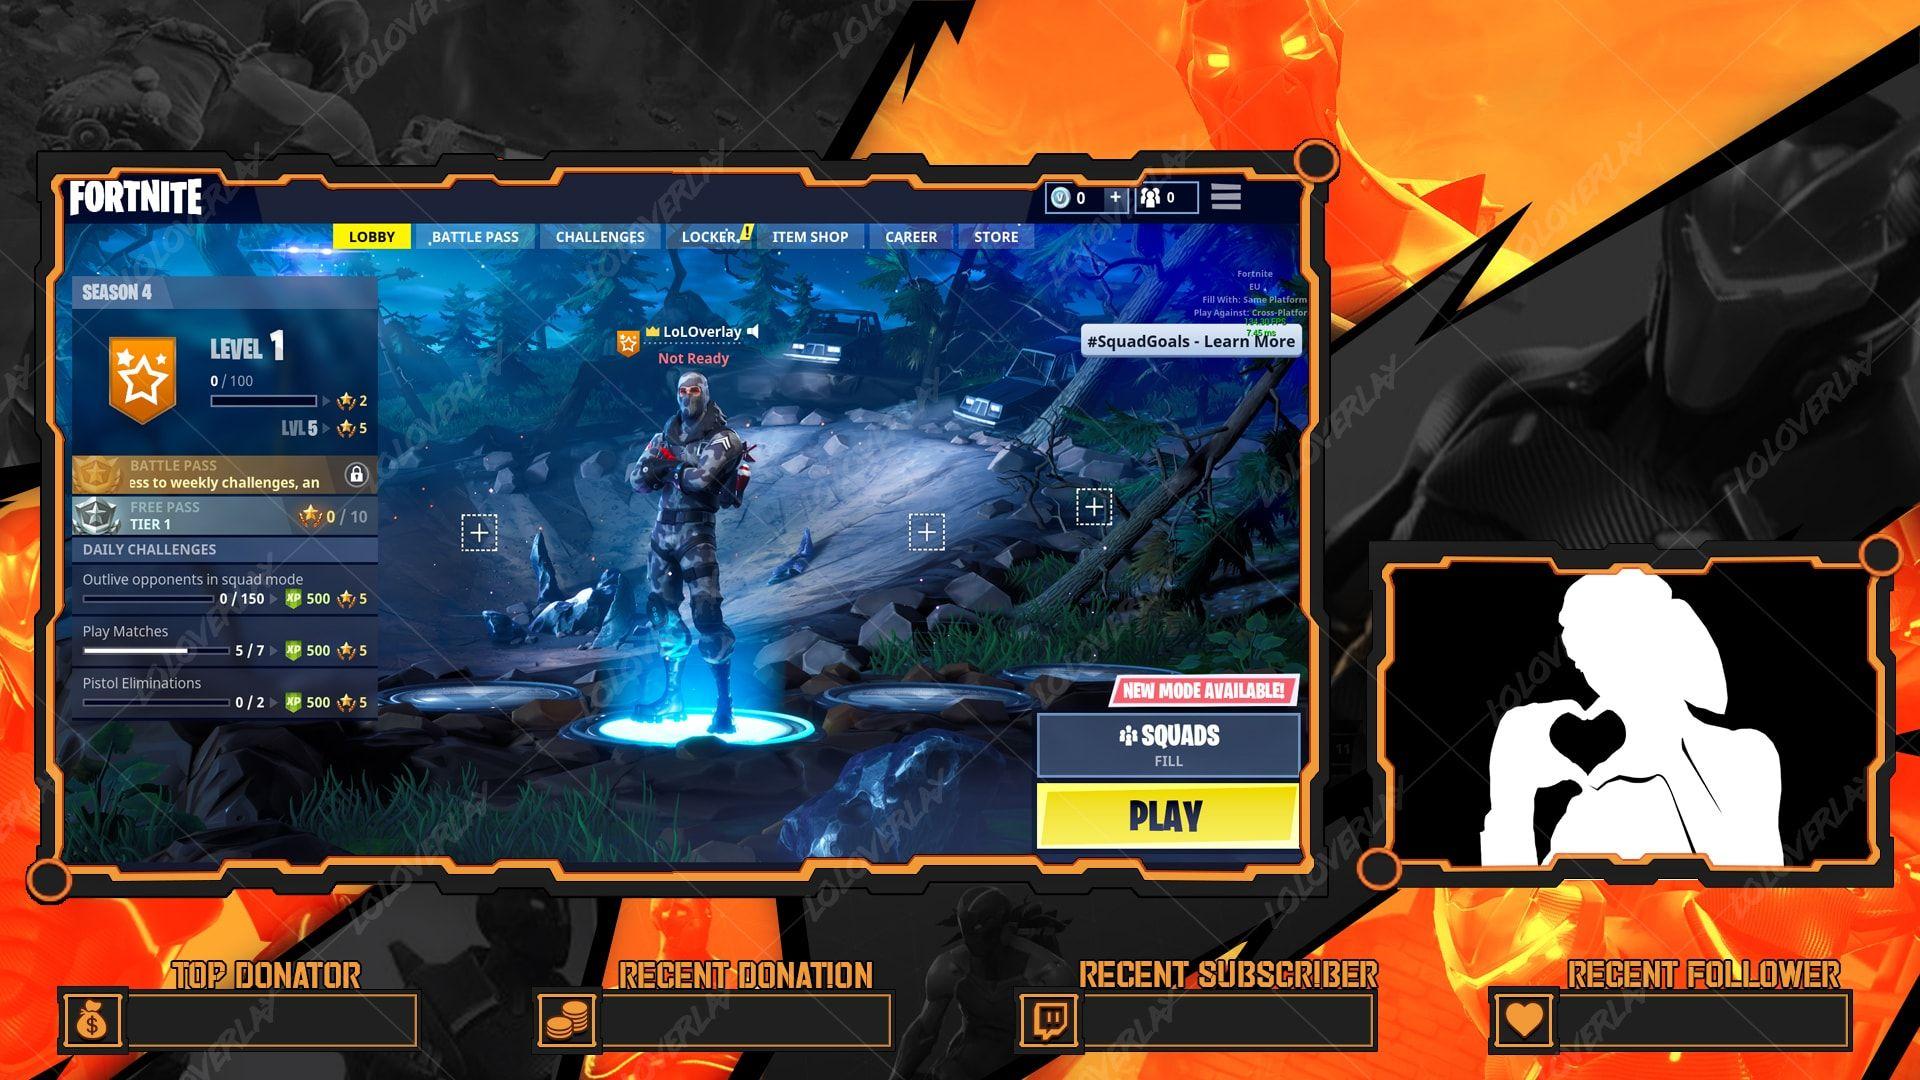 Fortnite Omega Lobby Overlay Fortnite Overlays Graphics Inspiration